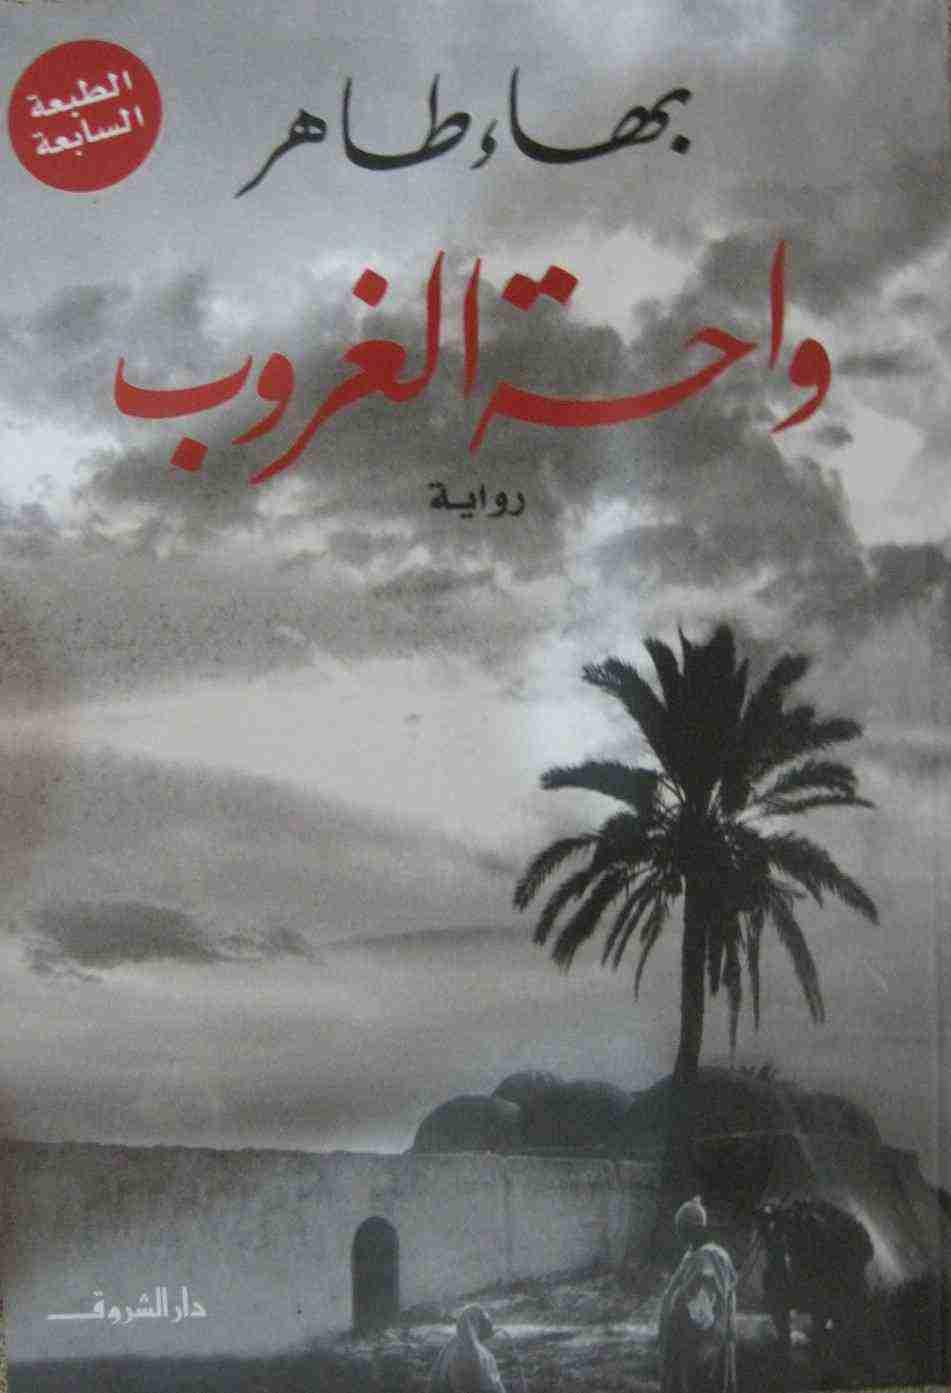 رواية واحة الغروب لـ بهاء طاهر